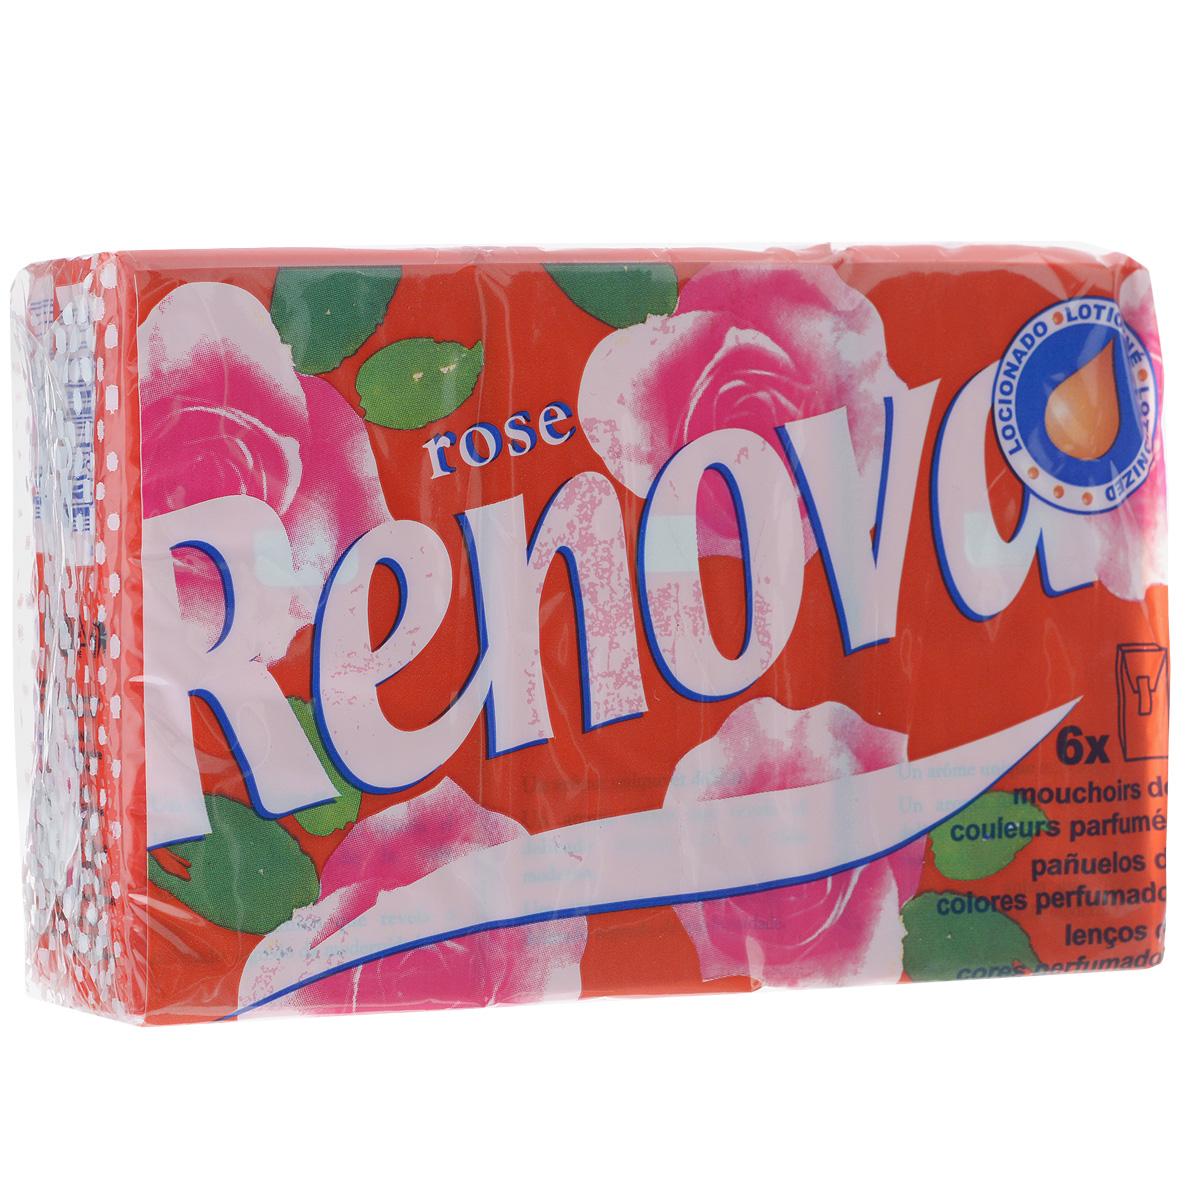 """Платочки бумажные Renova """"Rose"""", парфюмированные, четырехслойные, цвет: красный, 6 пачек, Renova (Renova FPA)"""